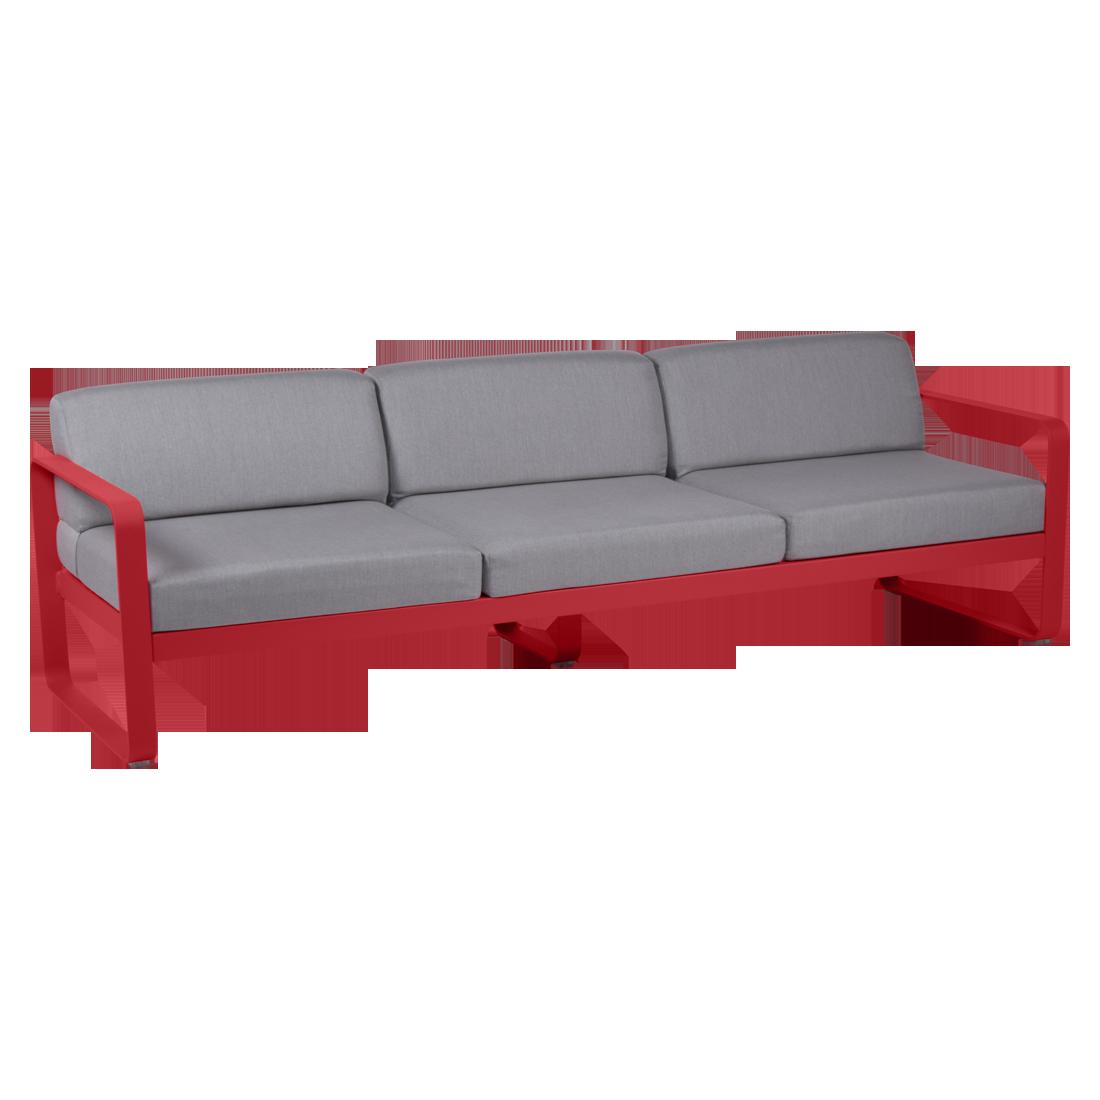 canape de jardin, canape d exterieur, canape fermob, canape metal, canape rouge